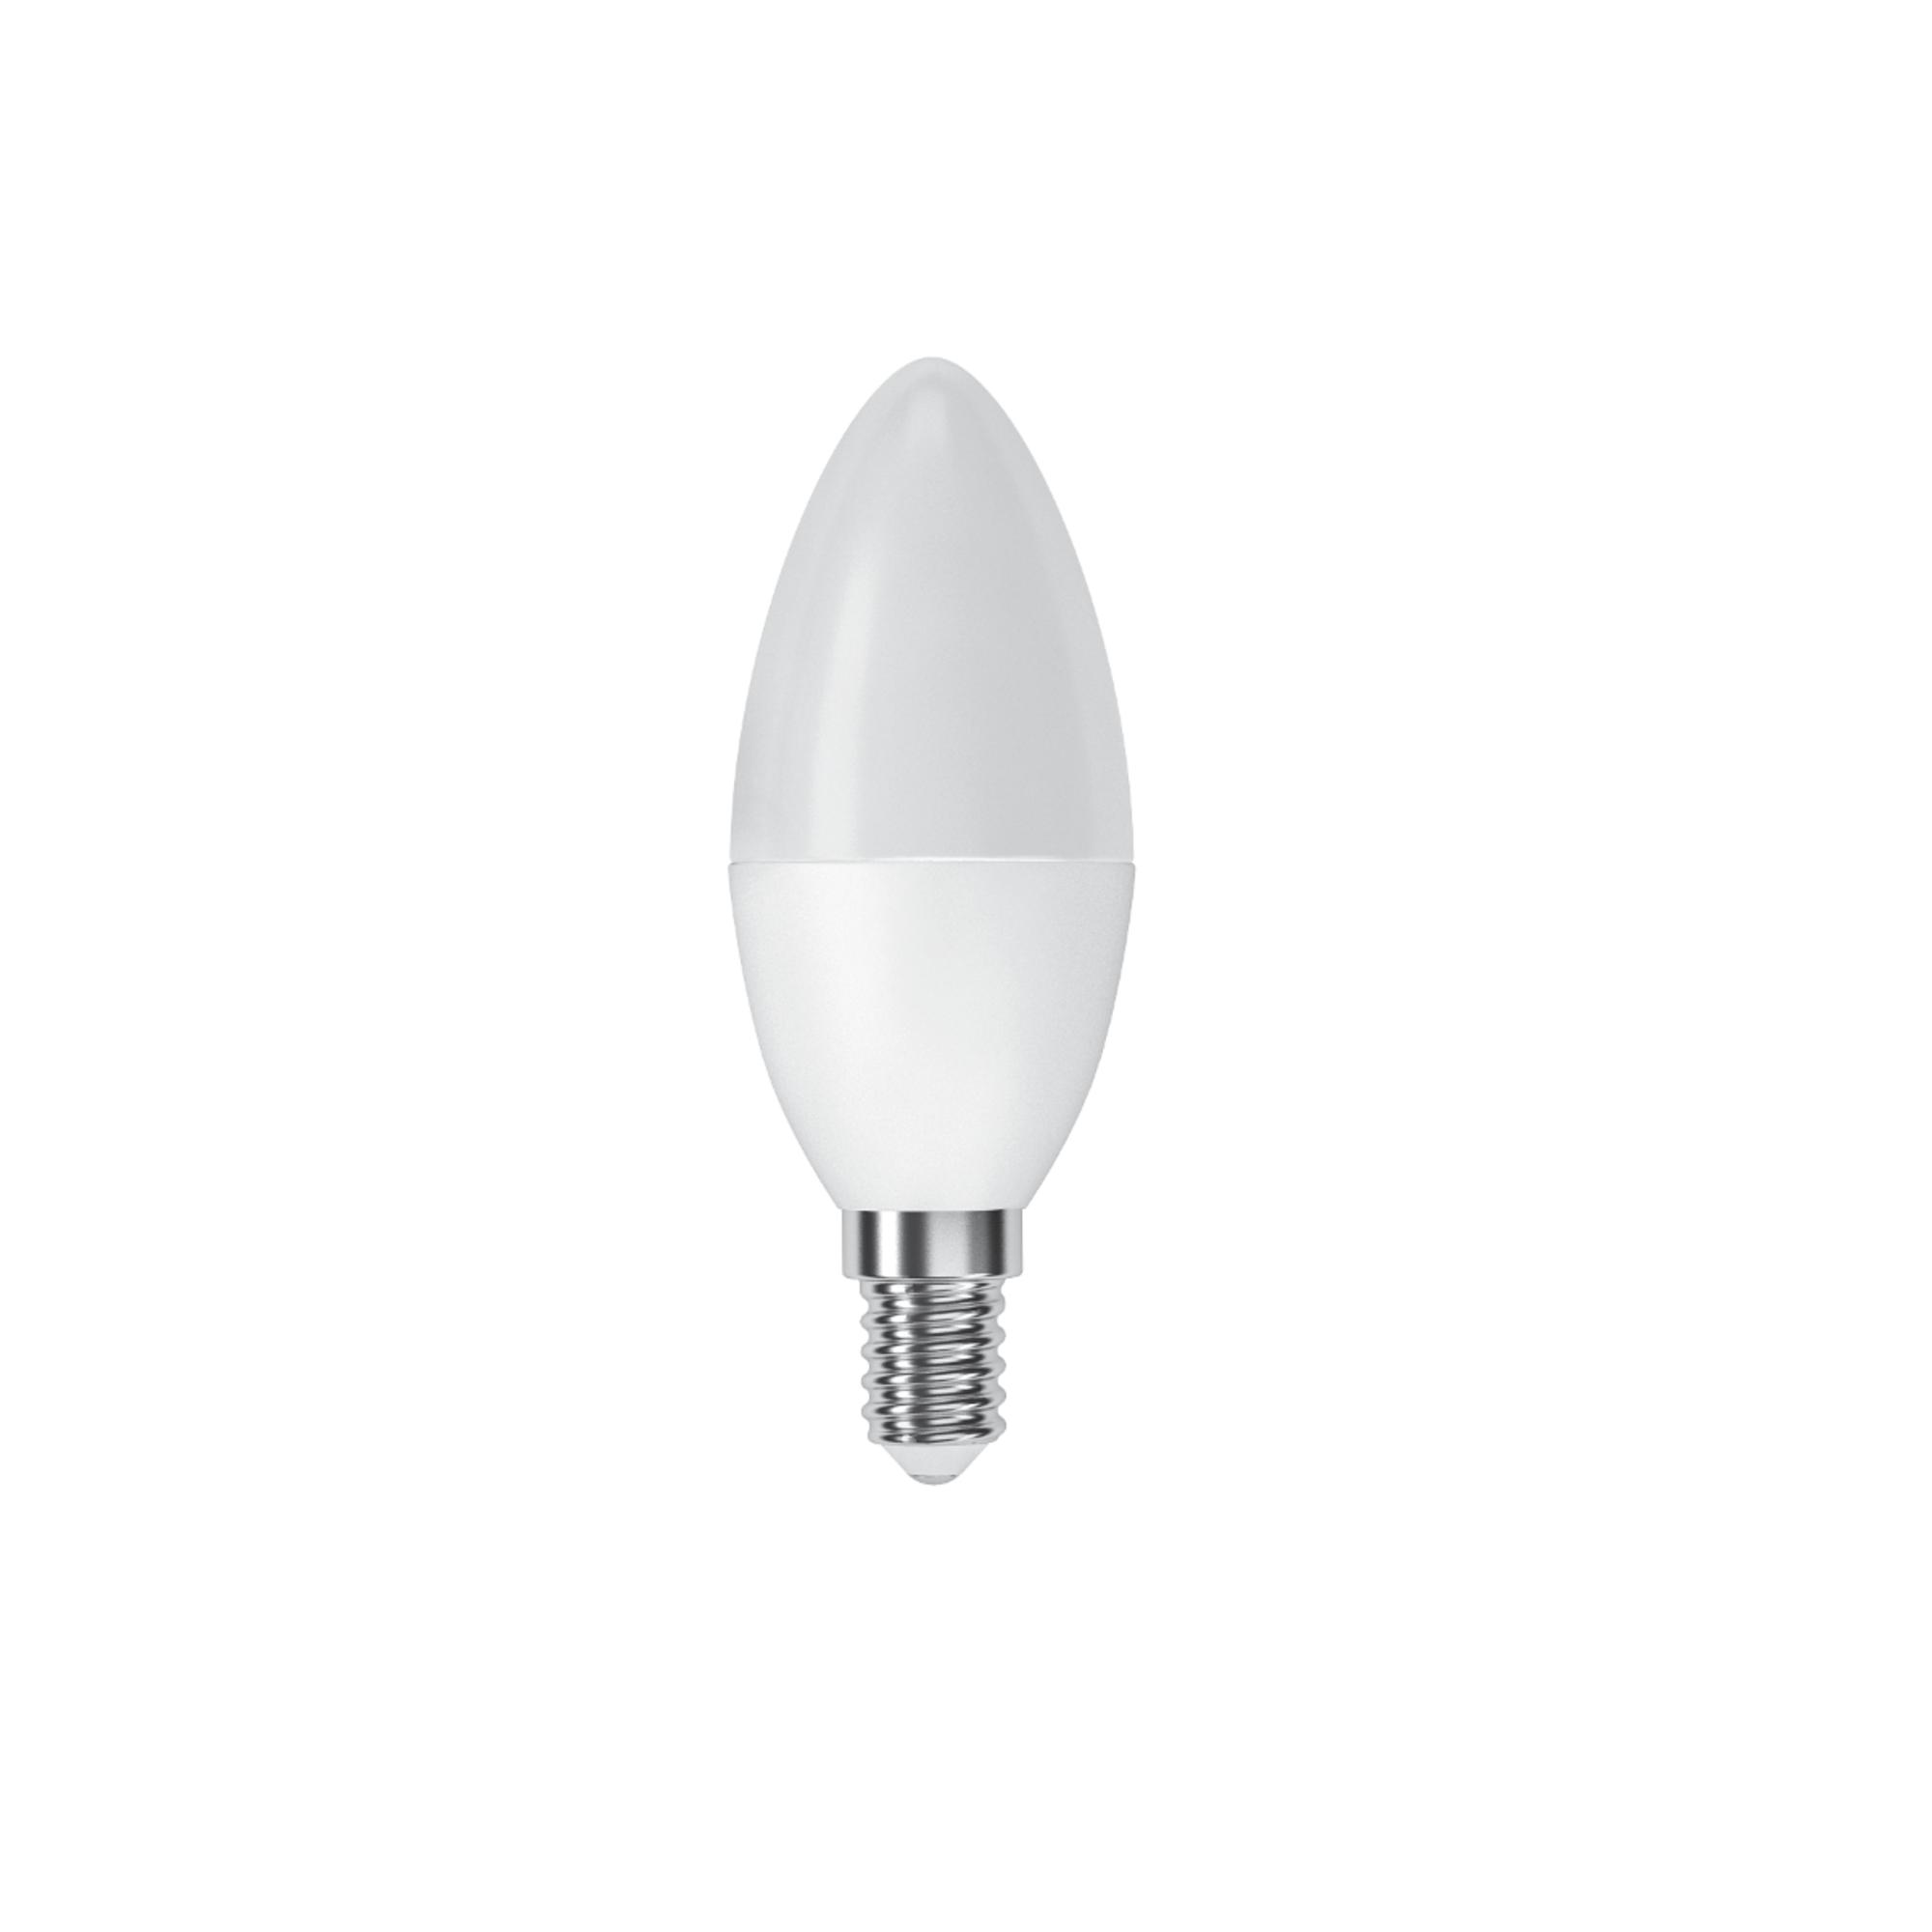 Светодиодная лампочка Фотон 22808 E14 530 Лм 6 Вт